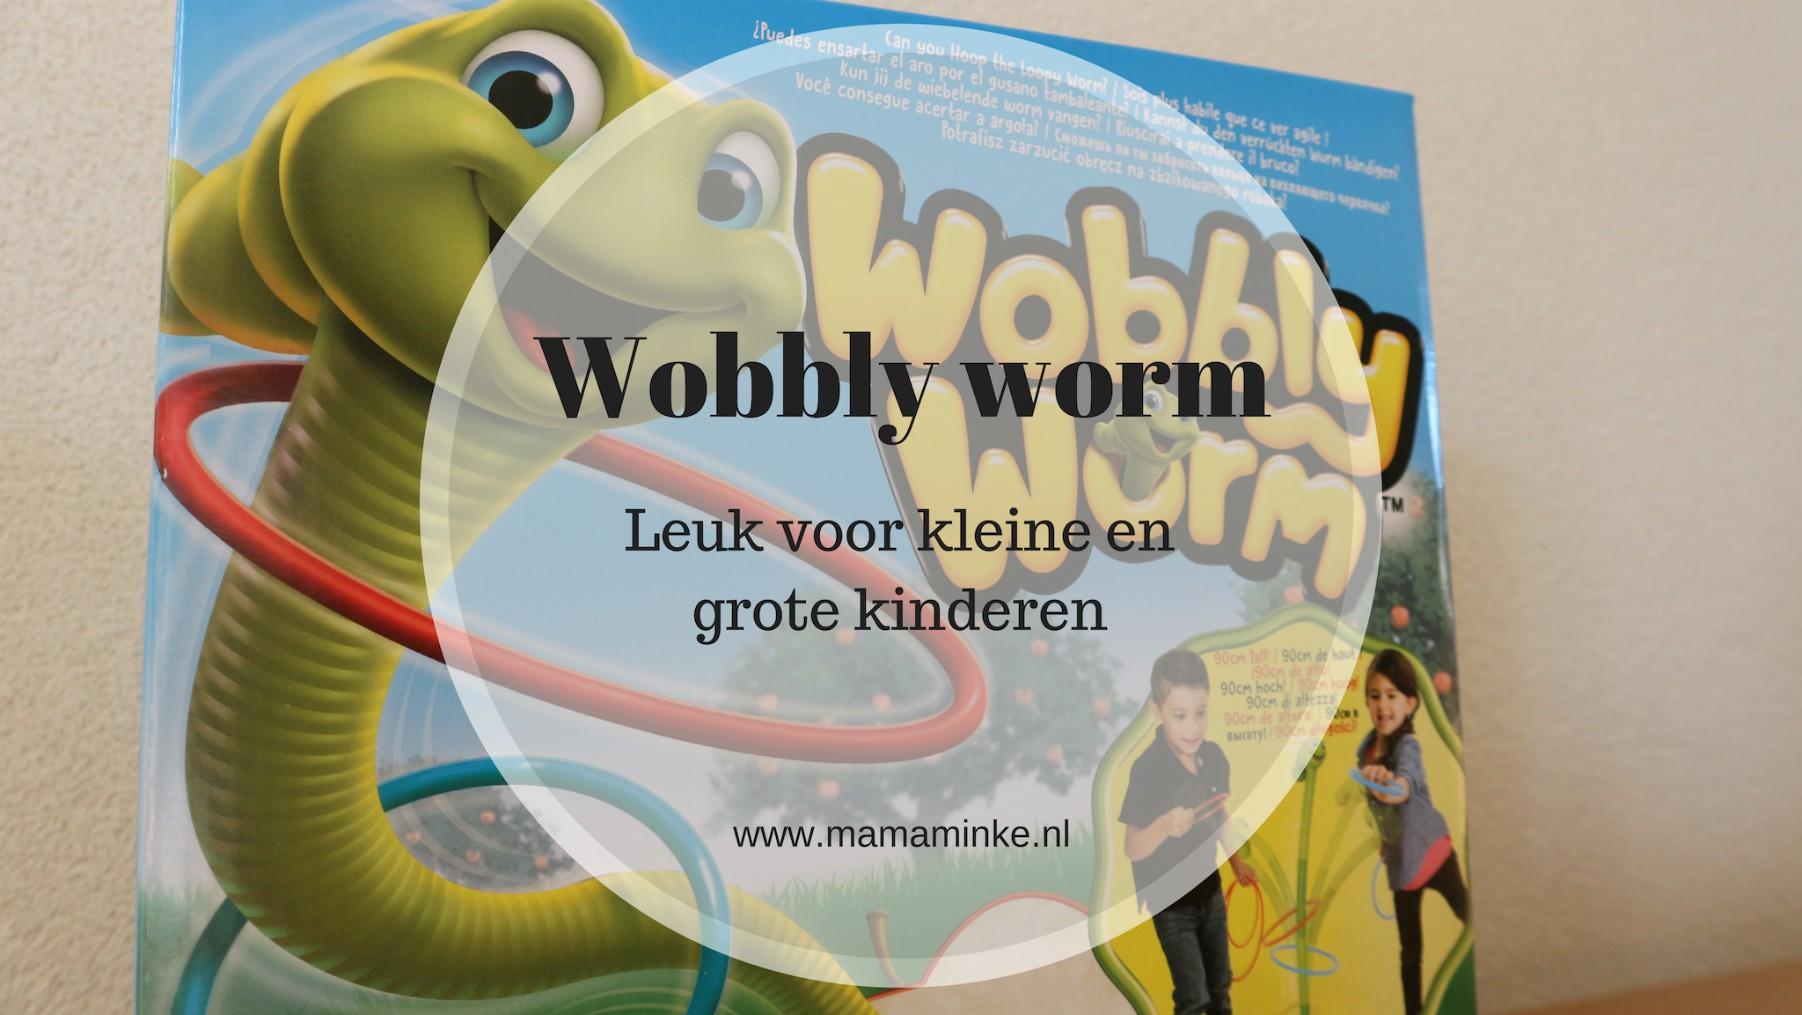 Wobbly worm, leuk spelletje voor kleine en grote kinderen